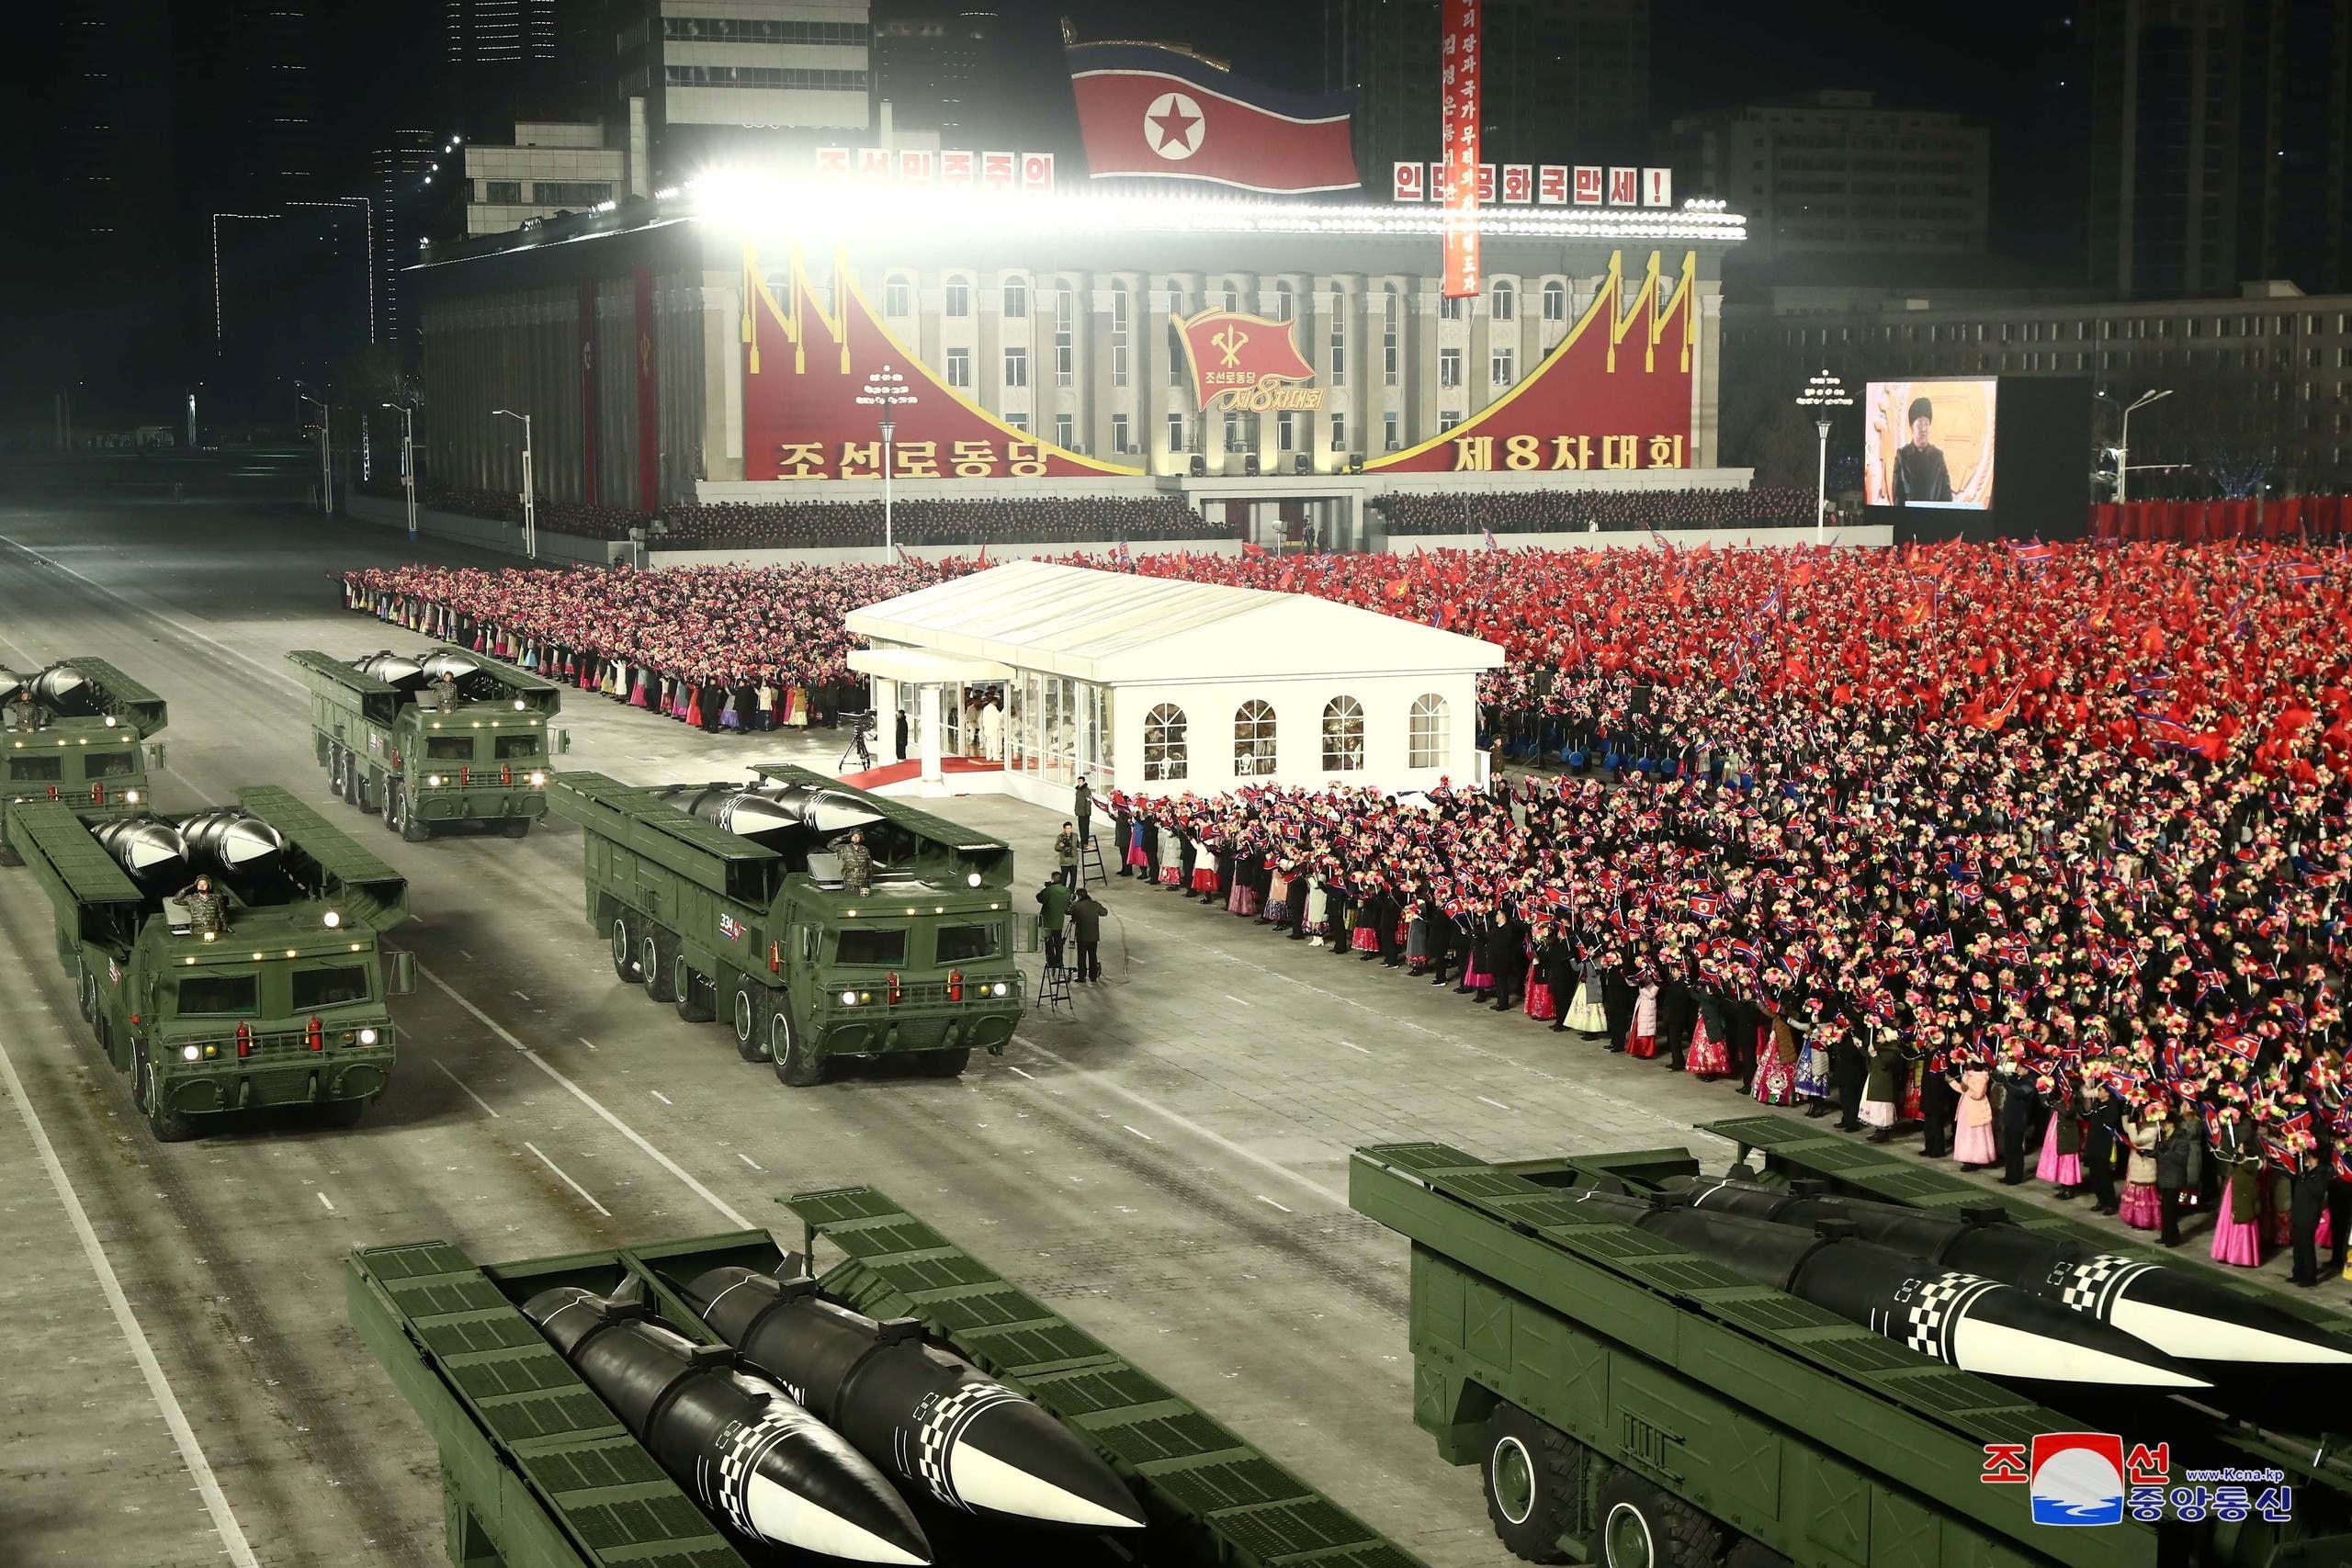 من العرض العسكري بكوريا الشمالية